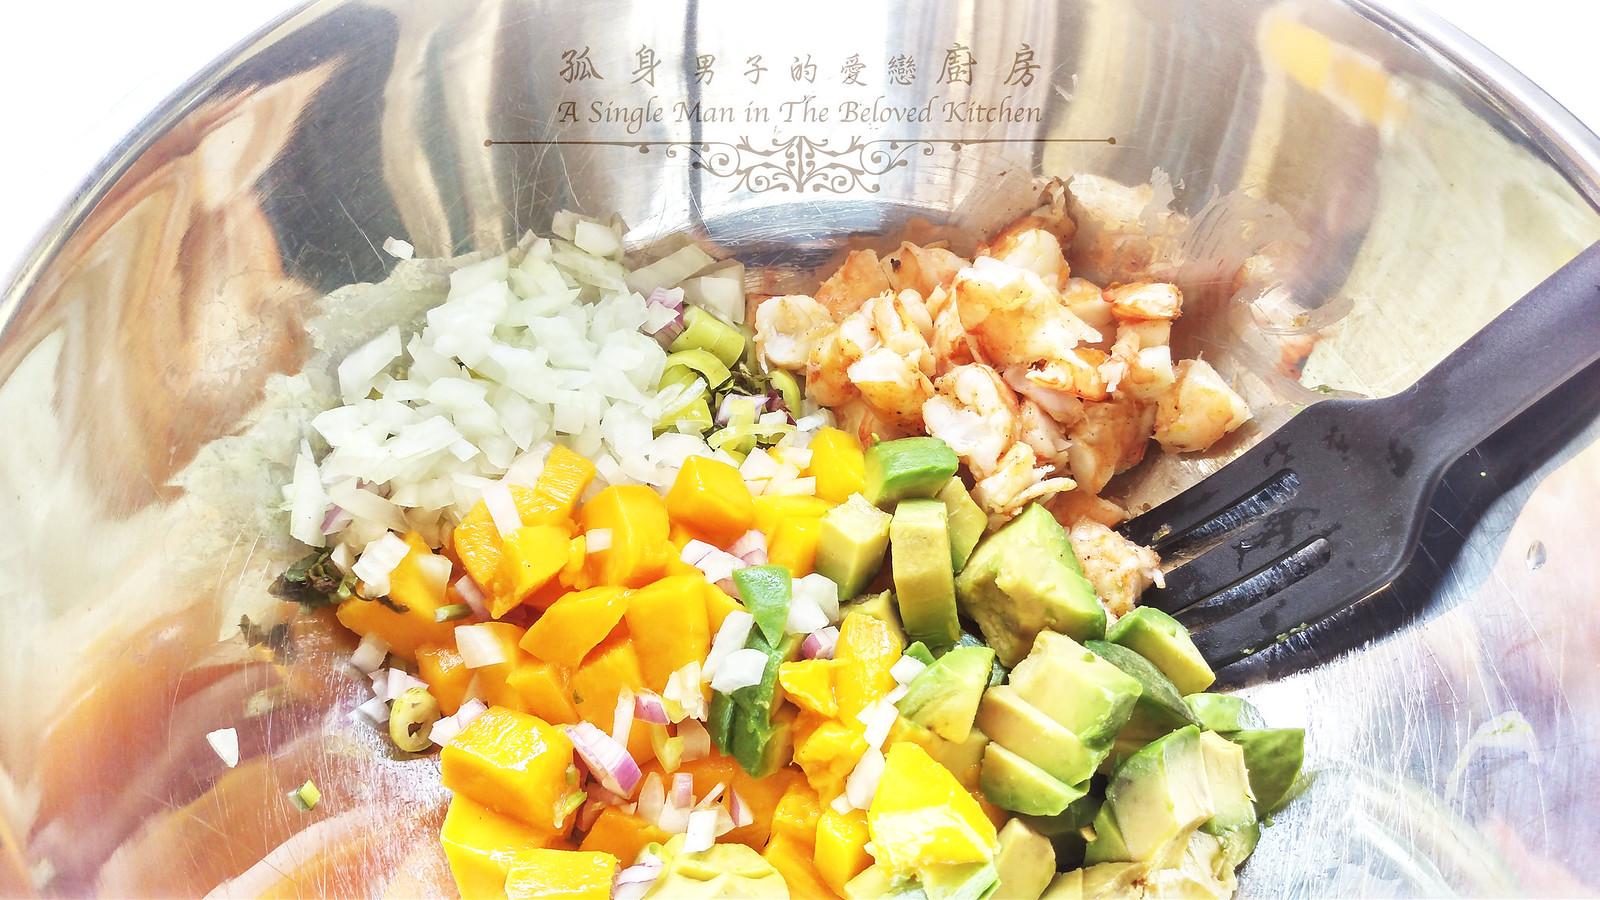 孤身廚房-墨西哥烤紅爐蝦酪梨芒果莎莎醬塔可(下)-烤紅爐蝦酪梨芒果莎莎醬8